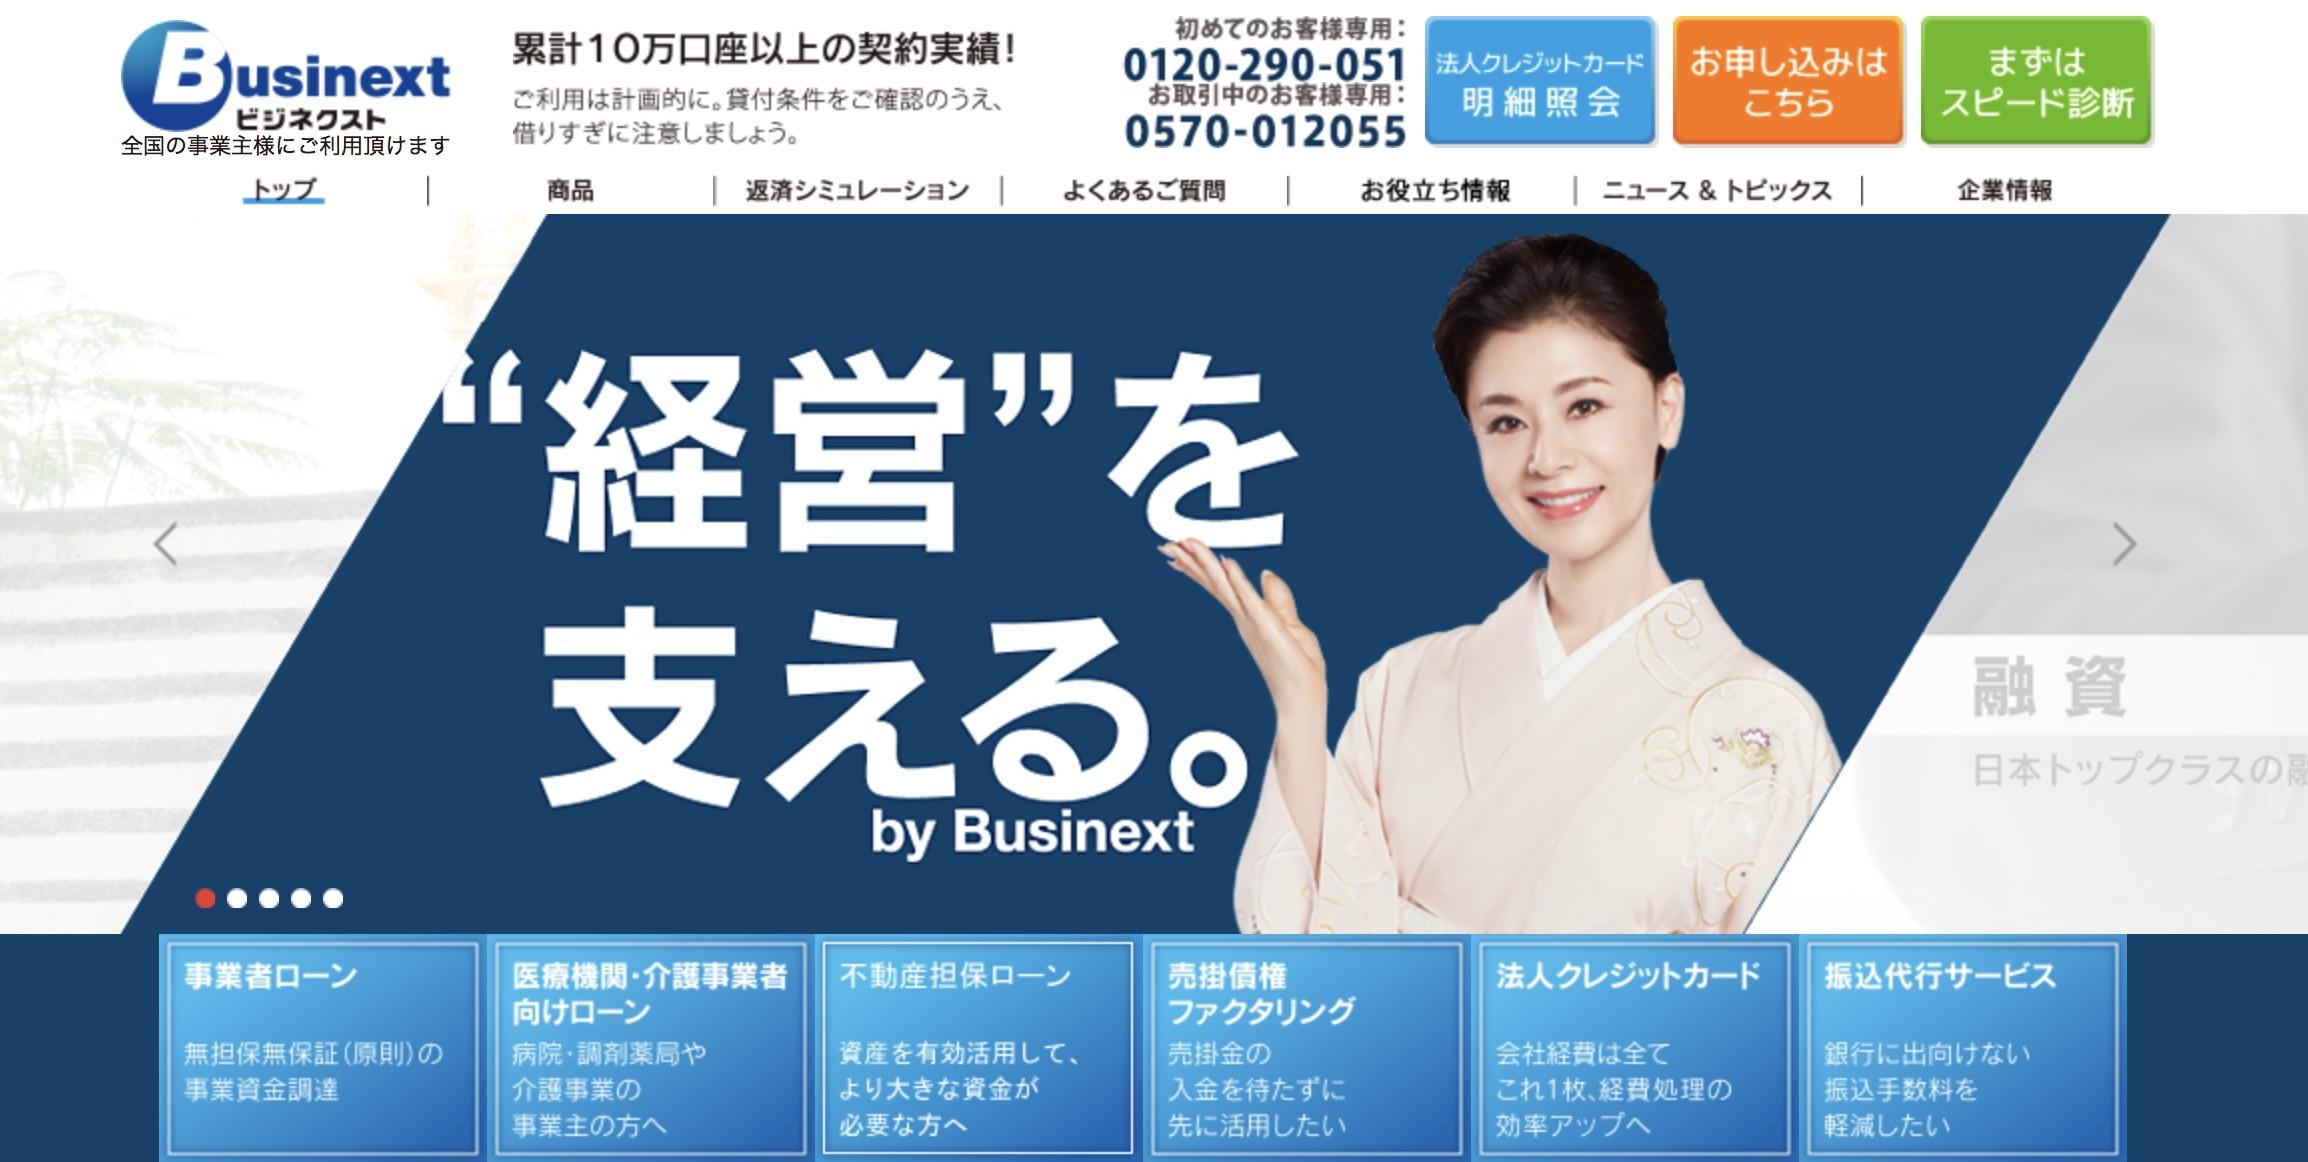 ビジネクスト|ビジネクスト事業者ローン(ビジネスローン)